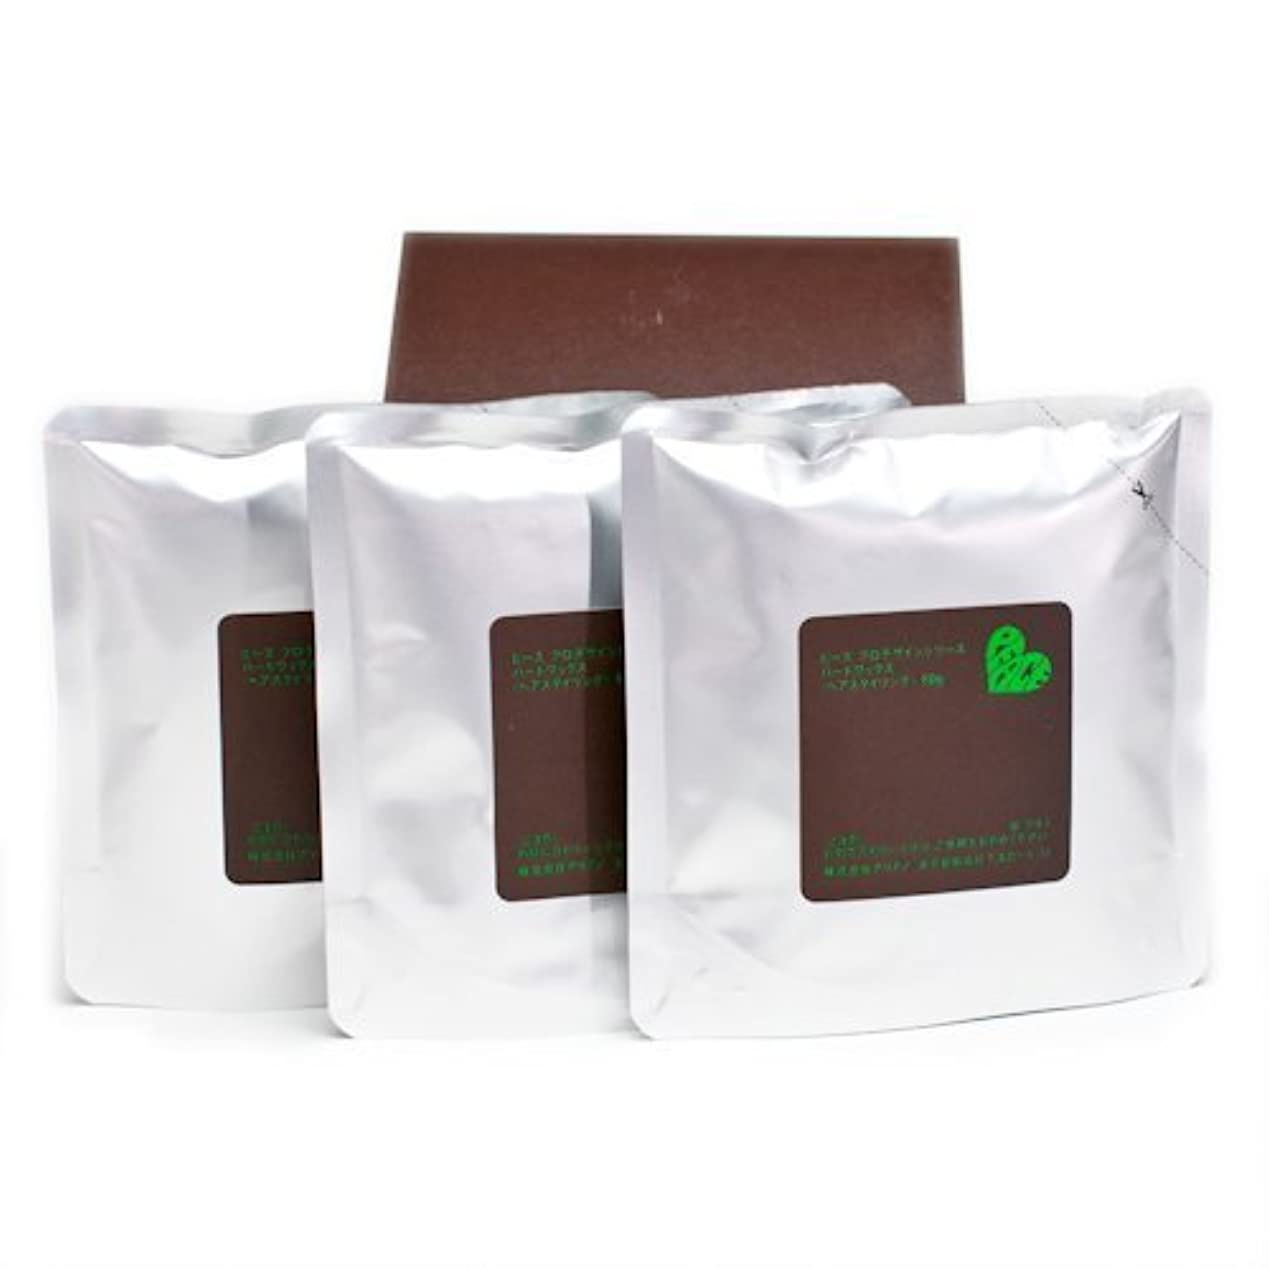 キャロラインランデブーアッティカスアリミノ ピース ハードワックス (チョコ) 80g(業務?詰替用)×3個入り